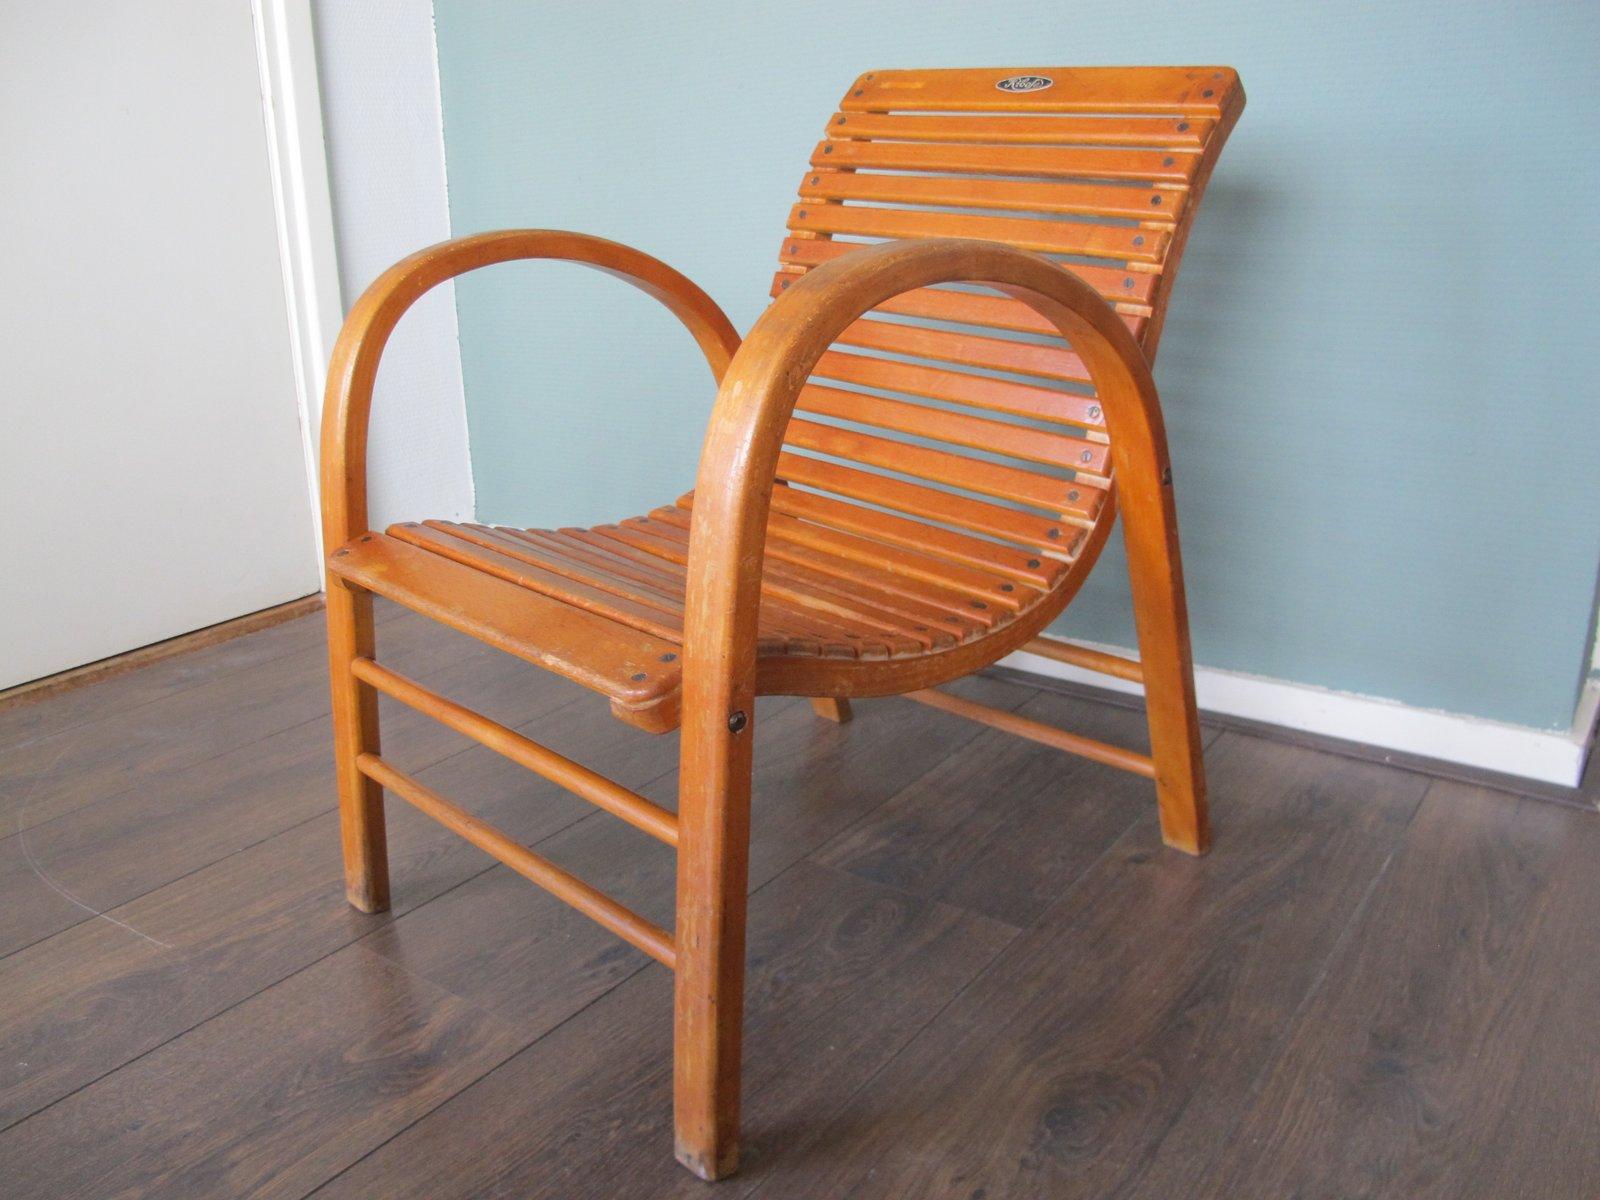 fauteuil d 39 enfant vintage de kibofa en vente sur pamono. Black Bedroom Furniture Sets. Home Design Ideas